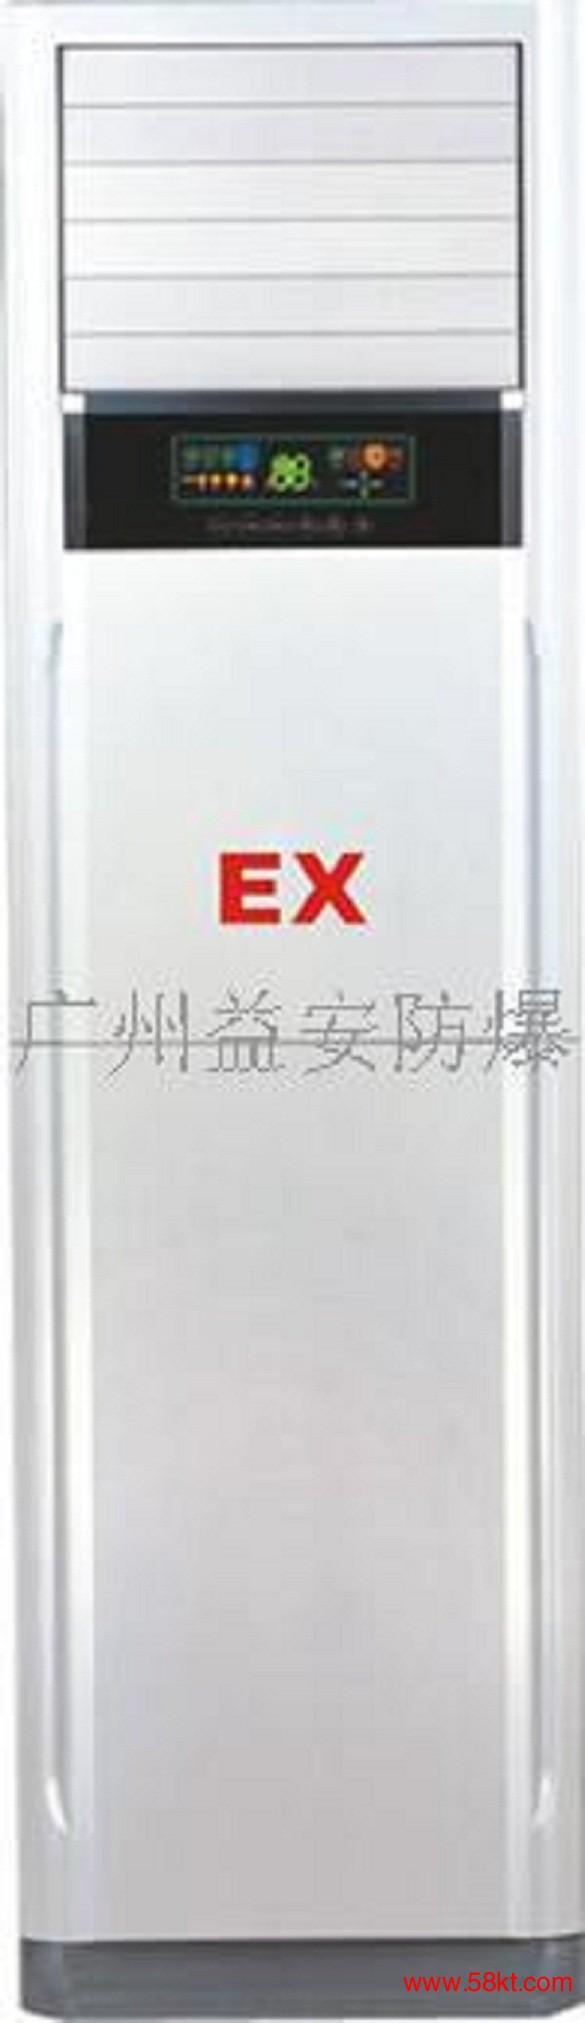 防爆医用冷藏冷冻箱-300A